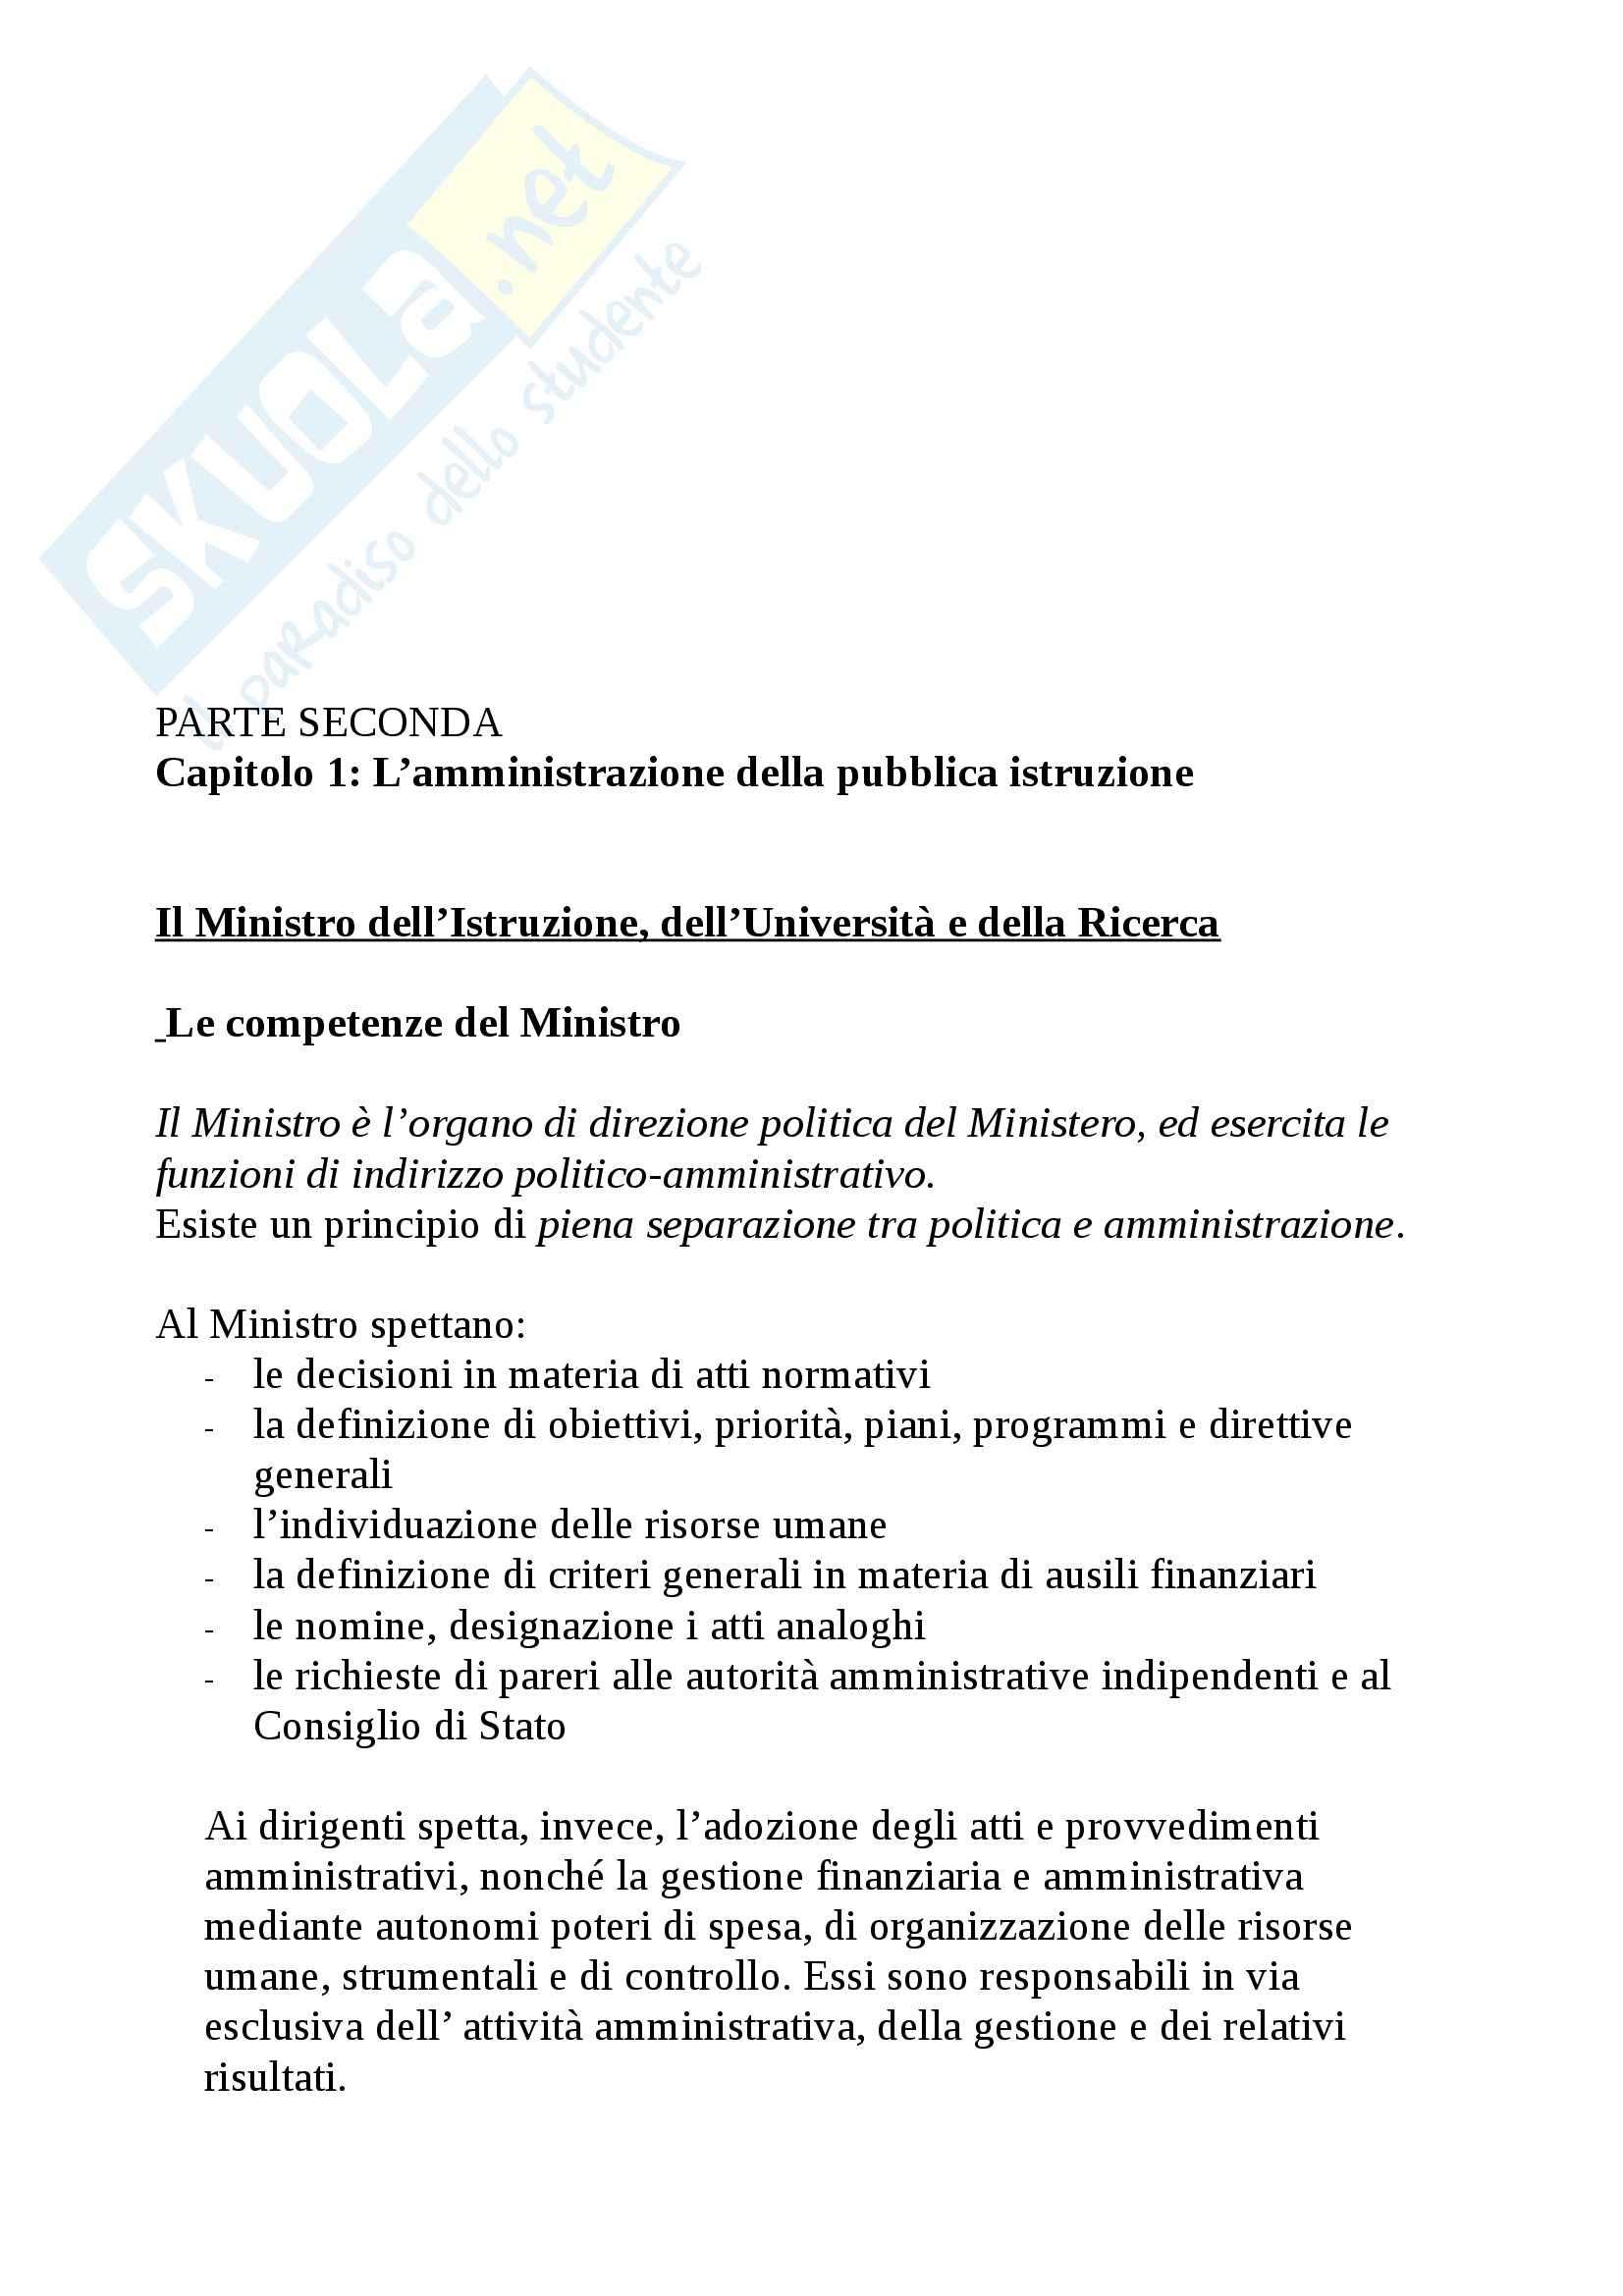 Riassunto esame Legislazione scolastica, prof. Calascibetta, libro consigliato Compendio di legislazione scolastica, Francavilla Pag. 16